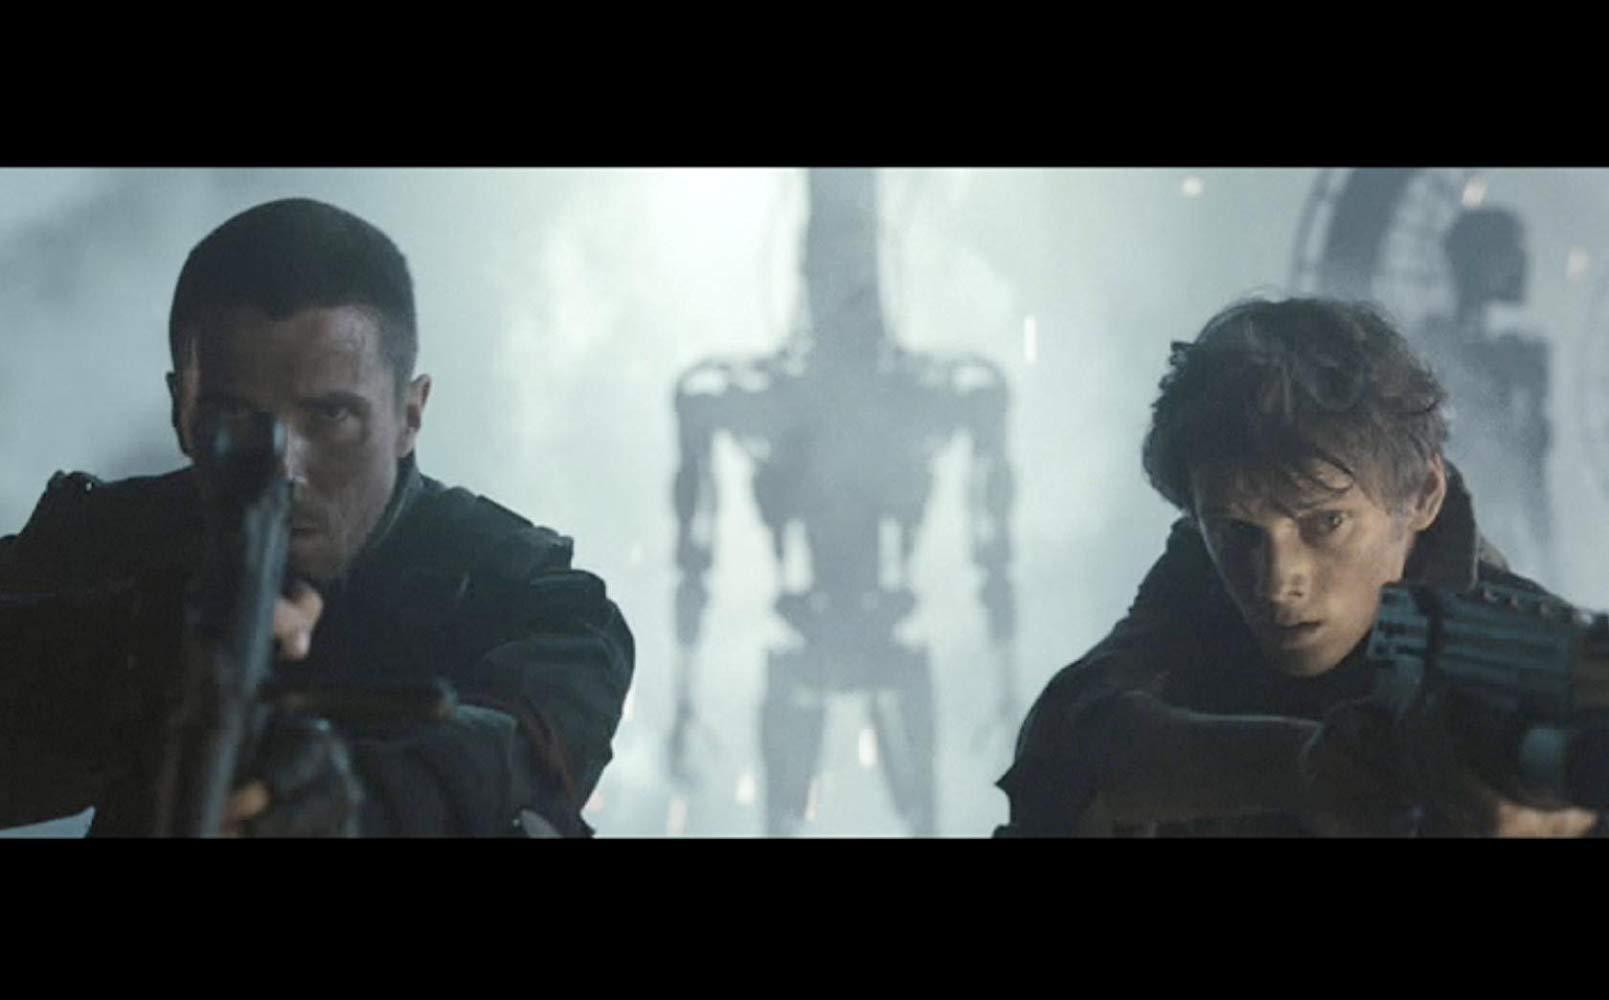 مشاهدة فيلم Terminator Salvation 2009 HD مترجم كامل اون لاين